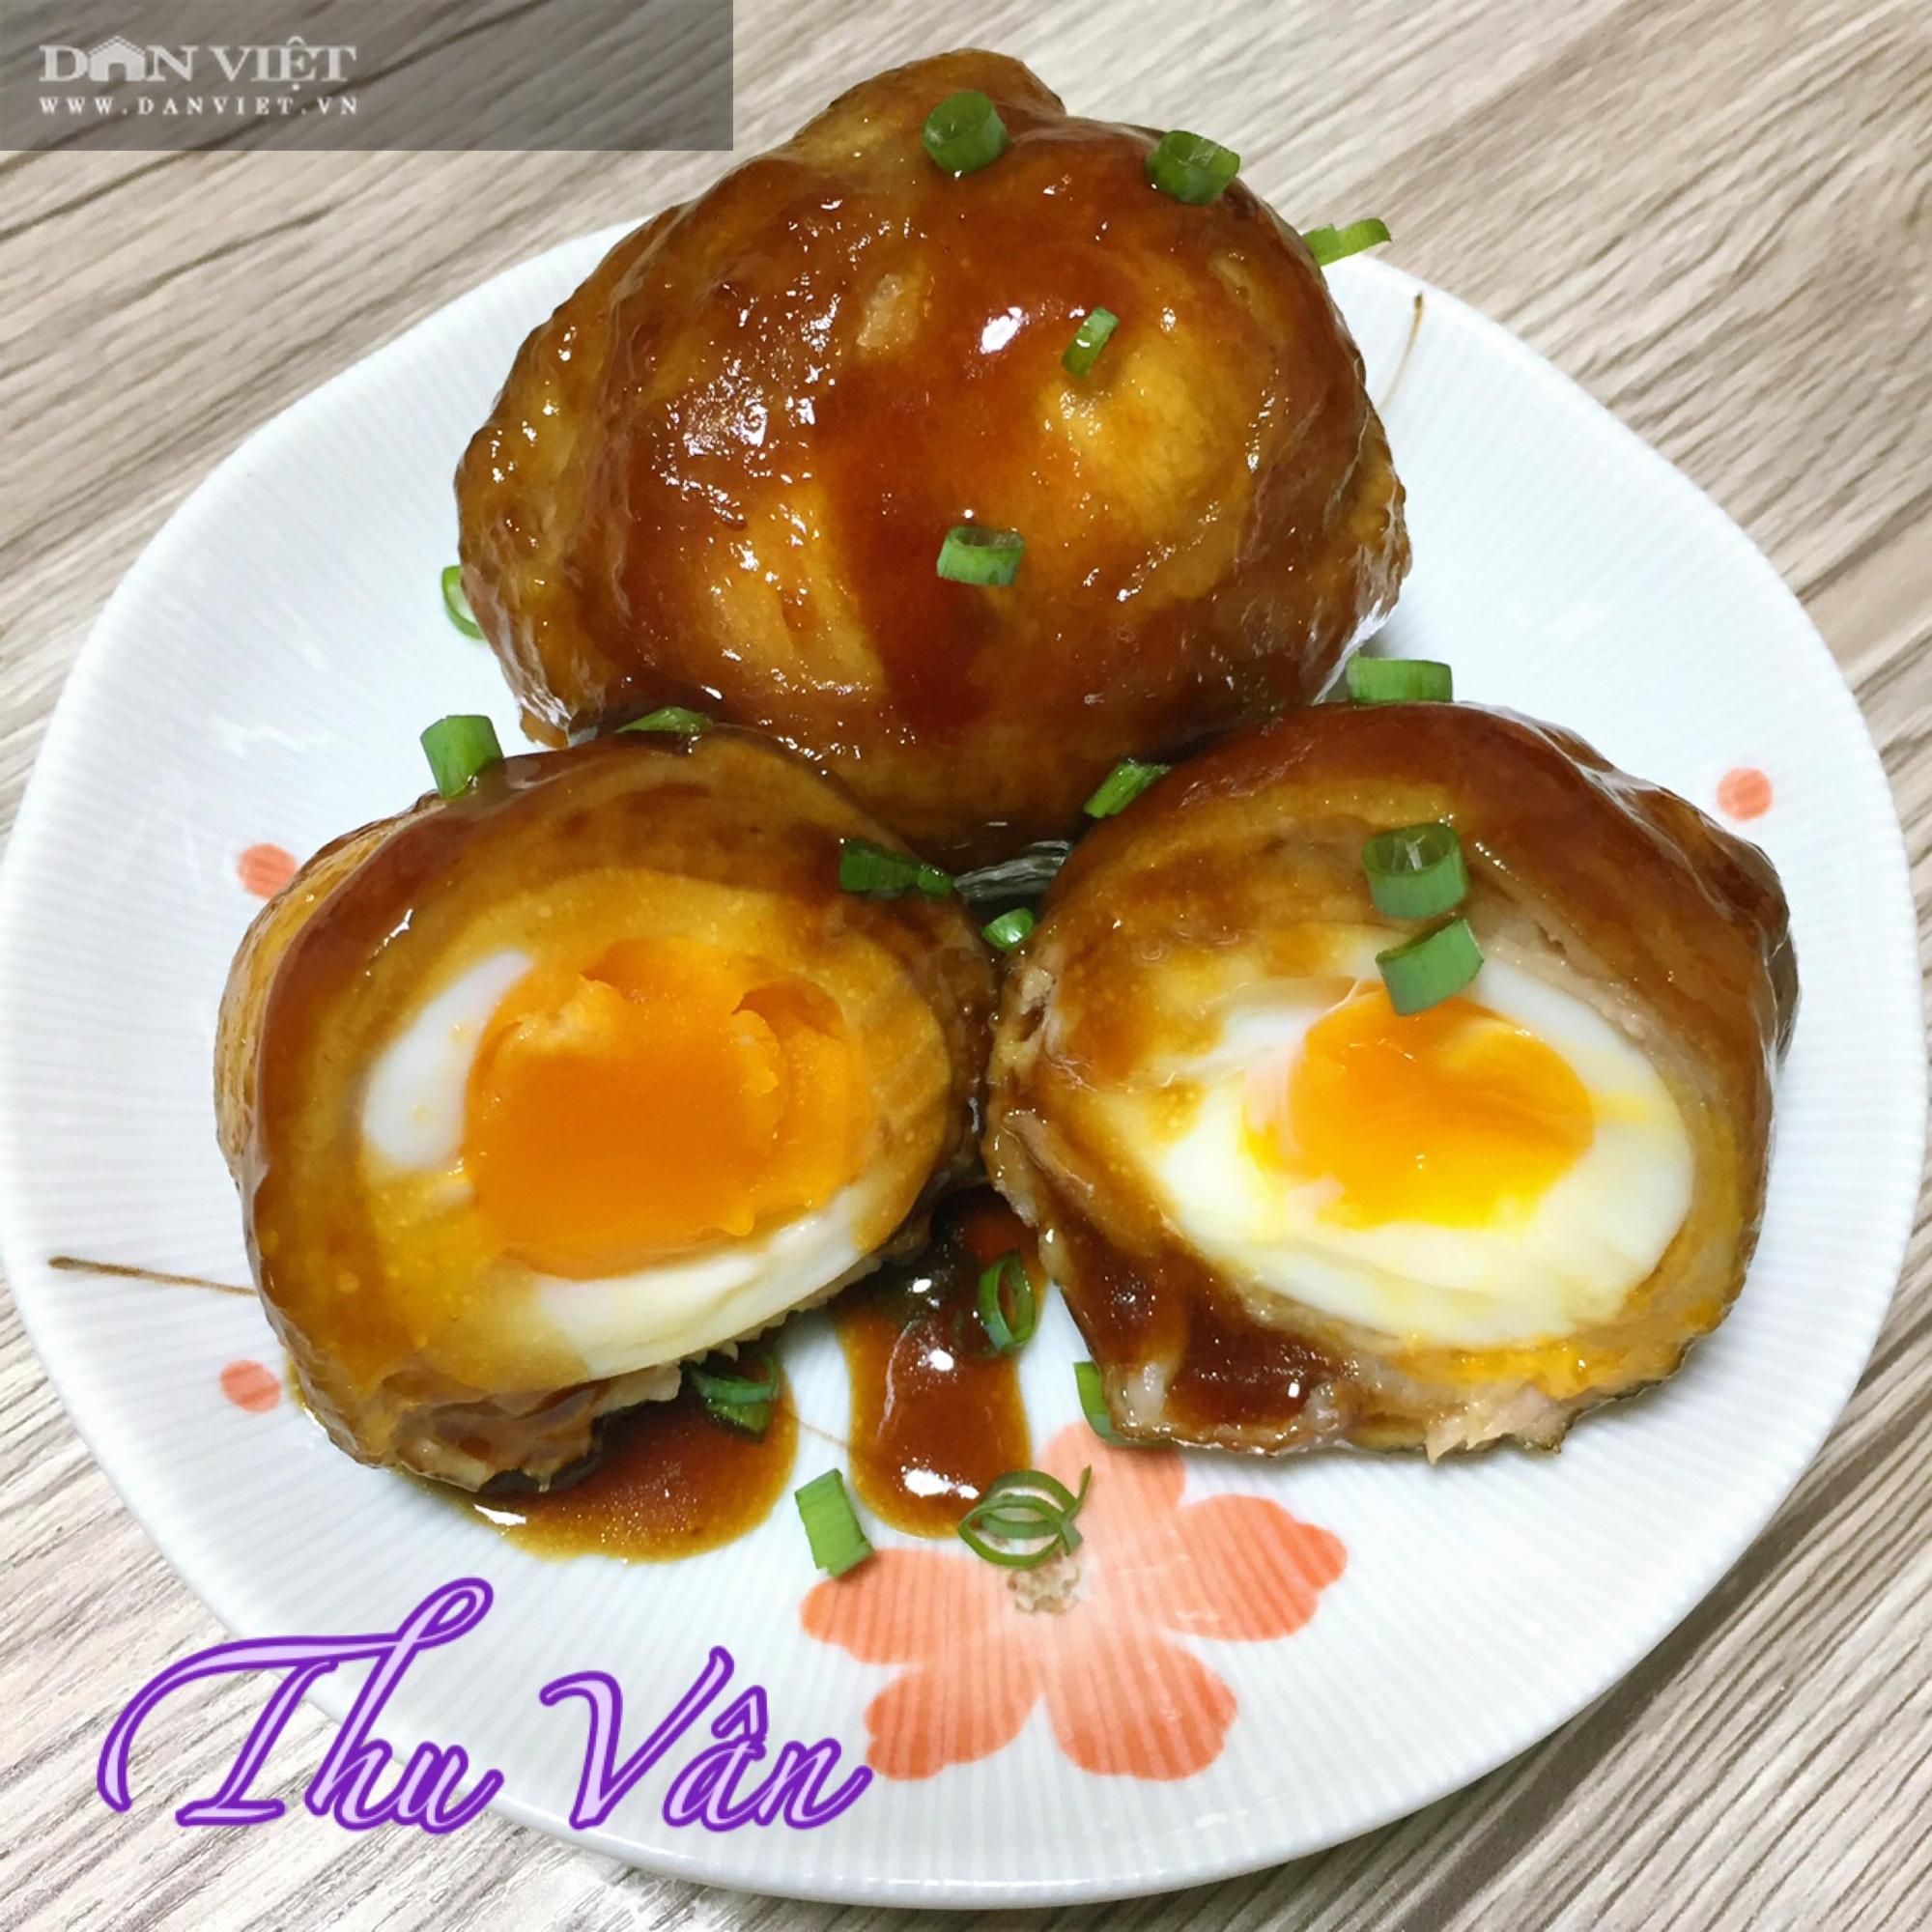 Lạ miệng với món thịt cuộn trứng om xì dầu kiểu Nhật đậm đà, ngọt bùi - Ảnh 8.